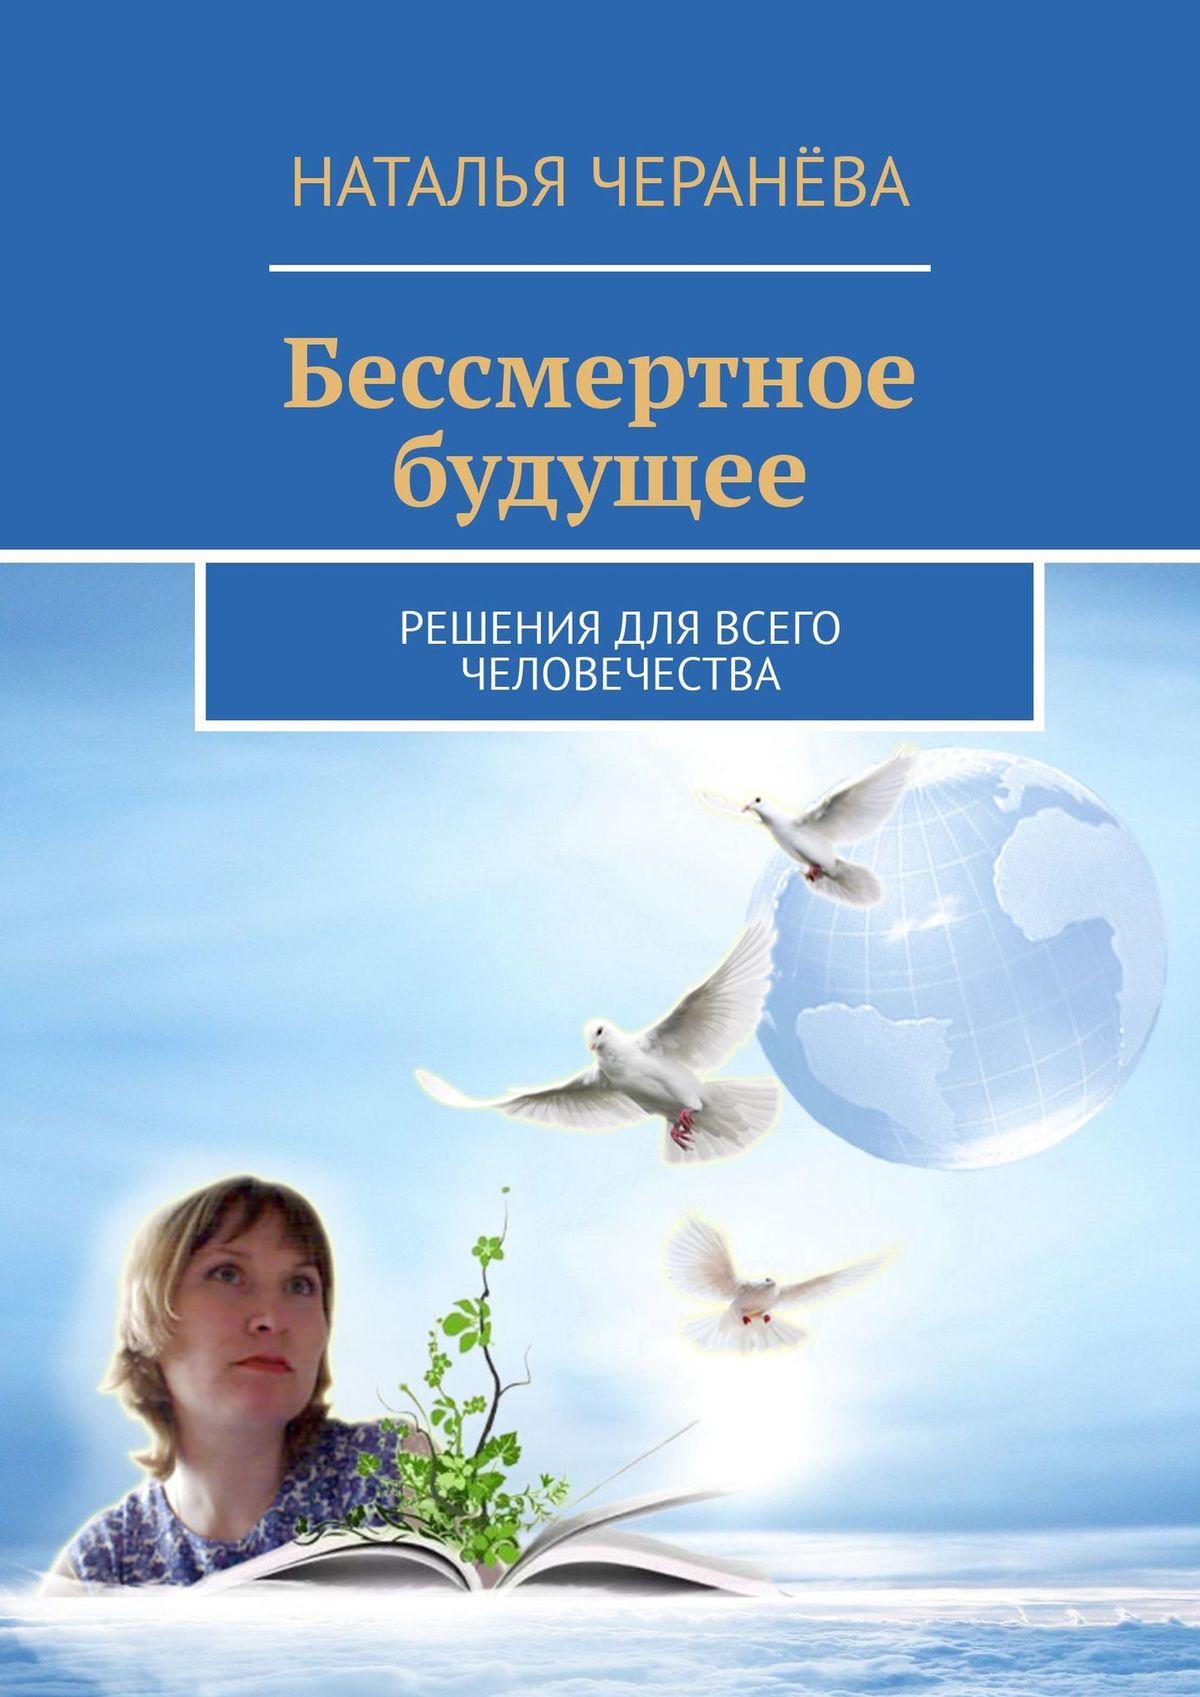 Наталья Черанёва Бессмертное будущее. Решения для всего человечества